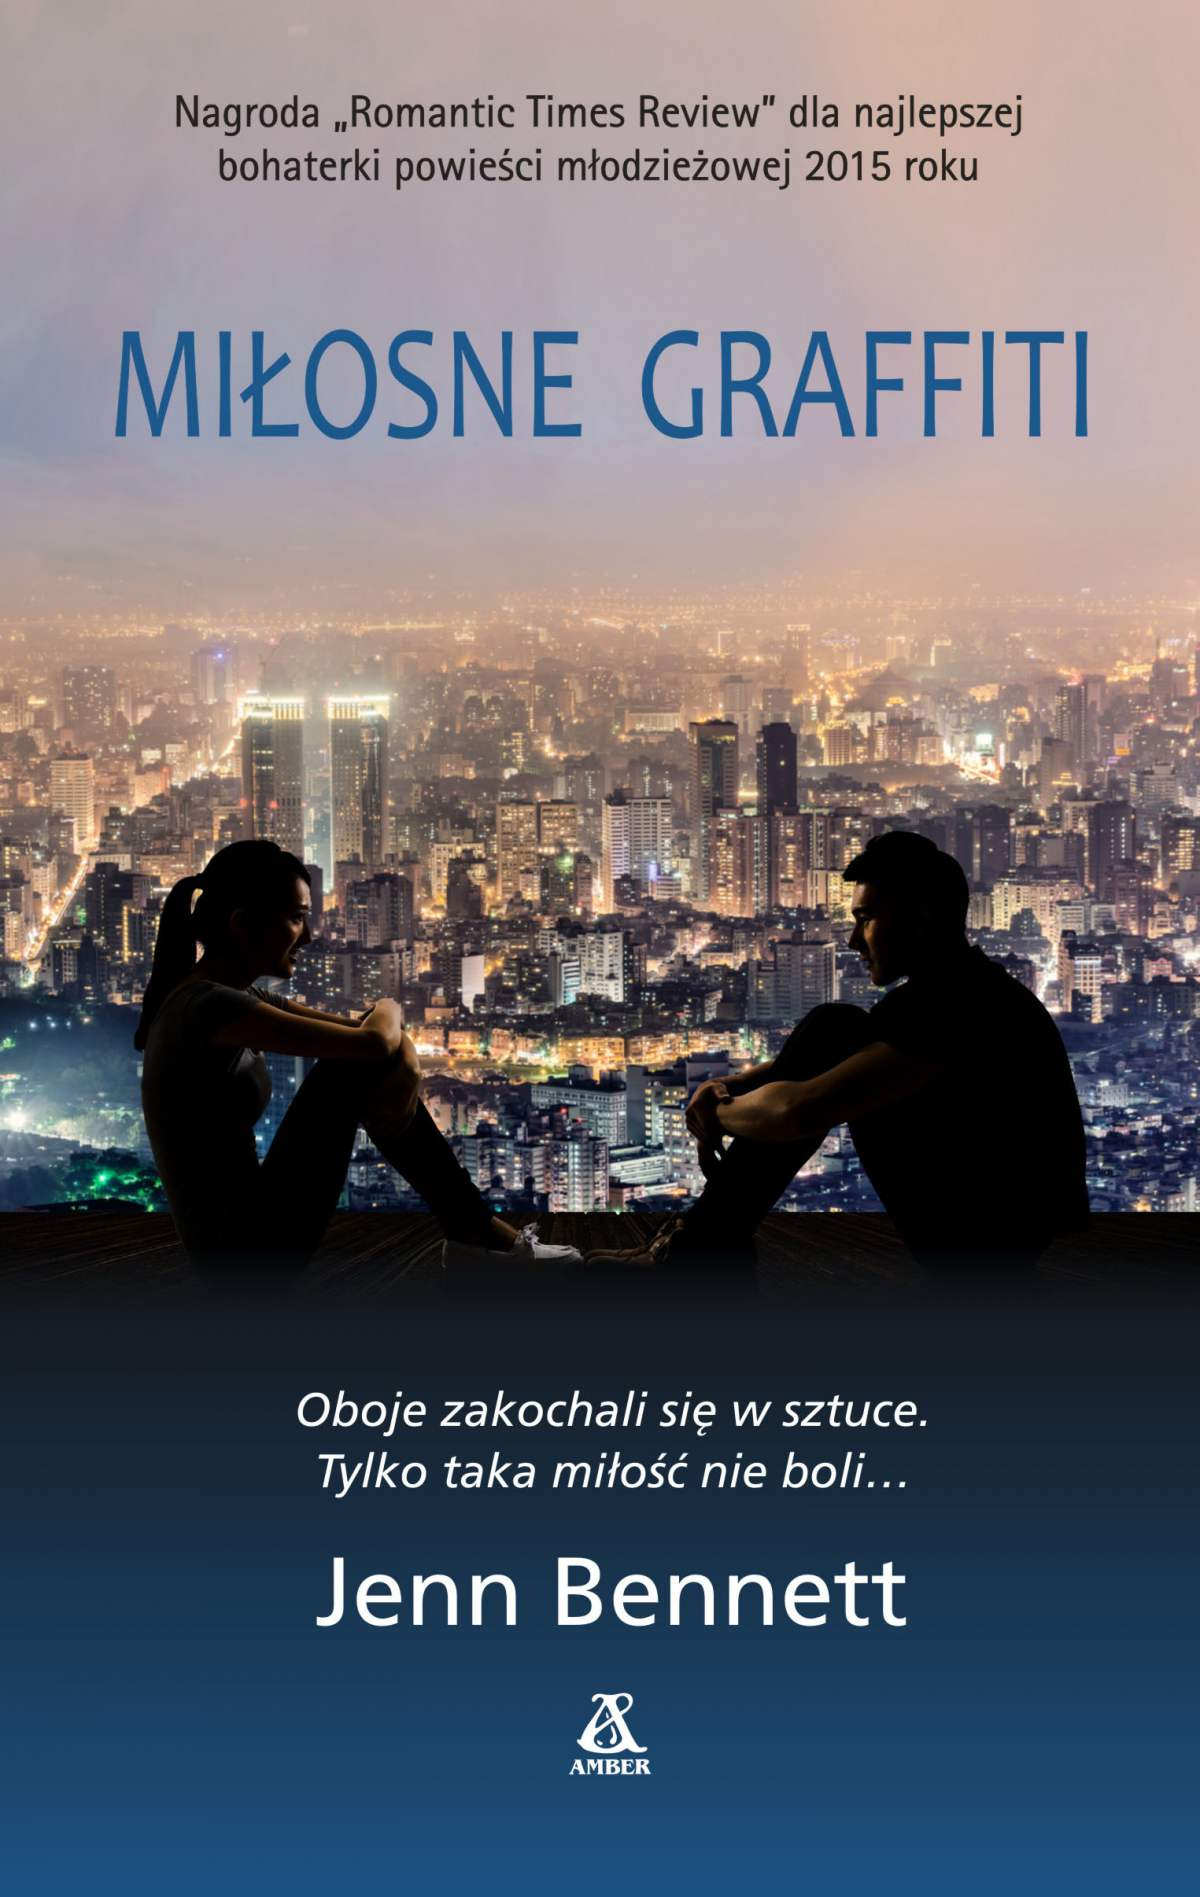 Miłosne grafiti - Ebook (Książka EPUB) do pobrania w formacie EPUB